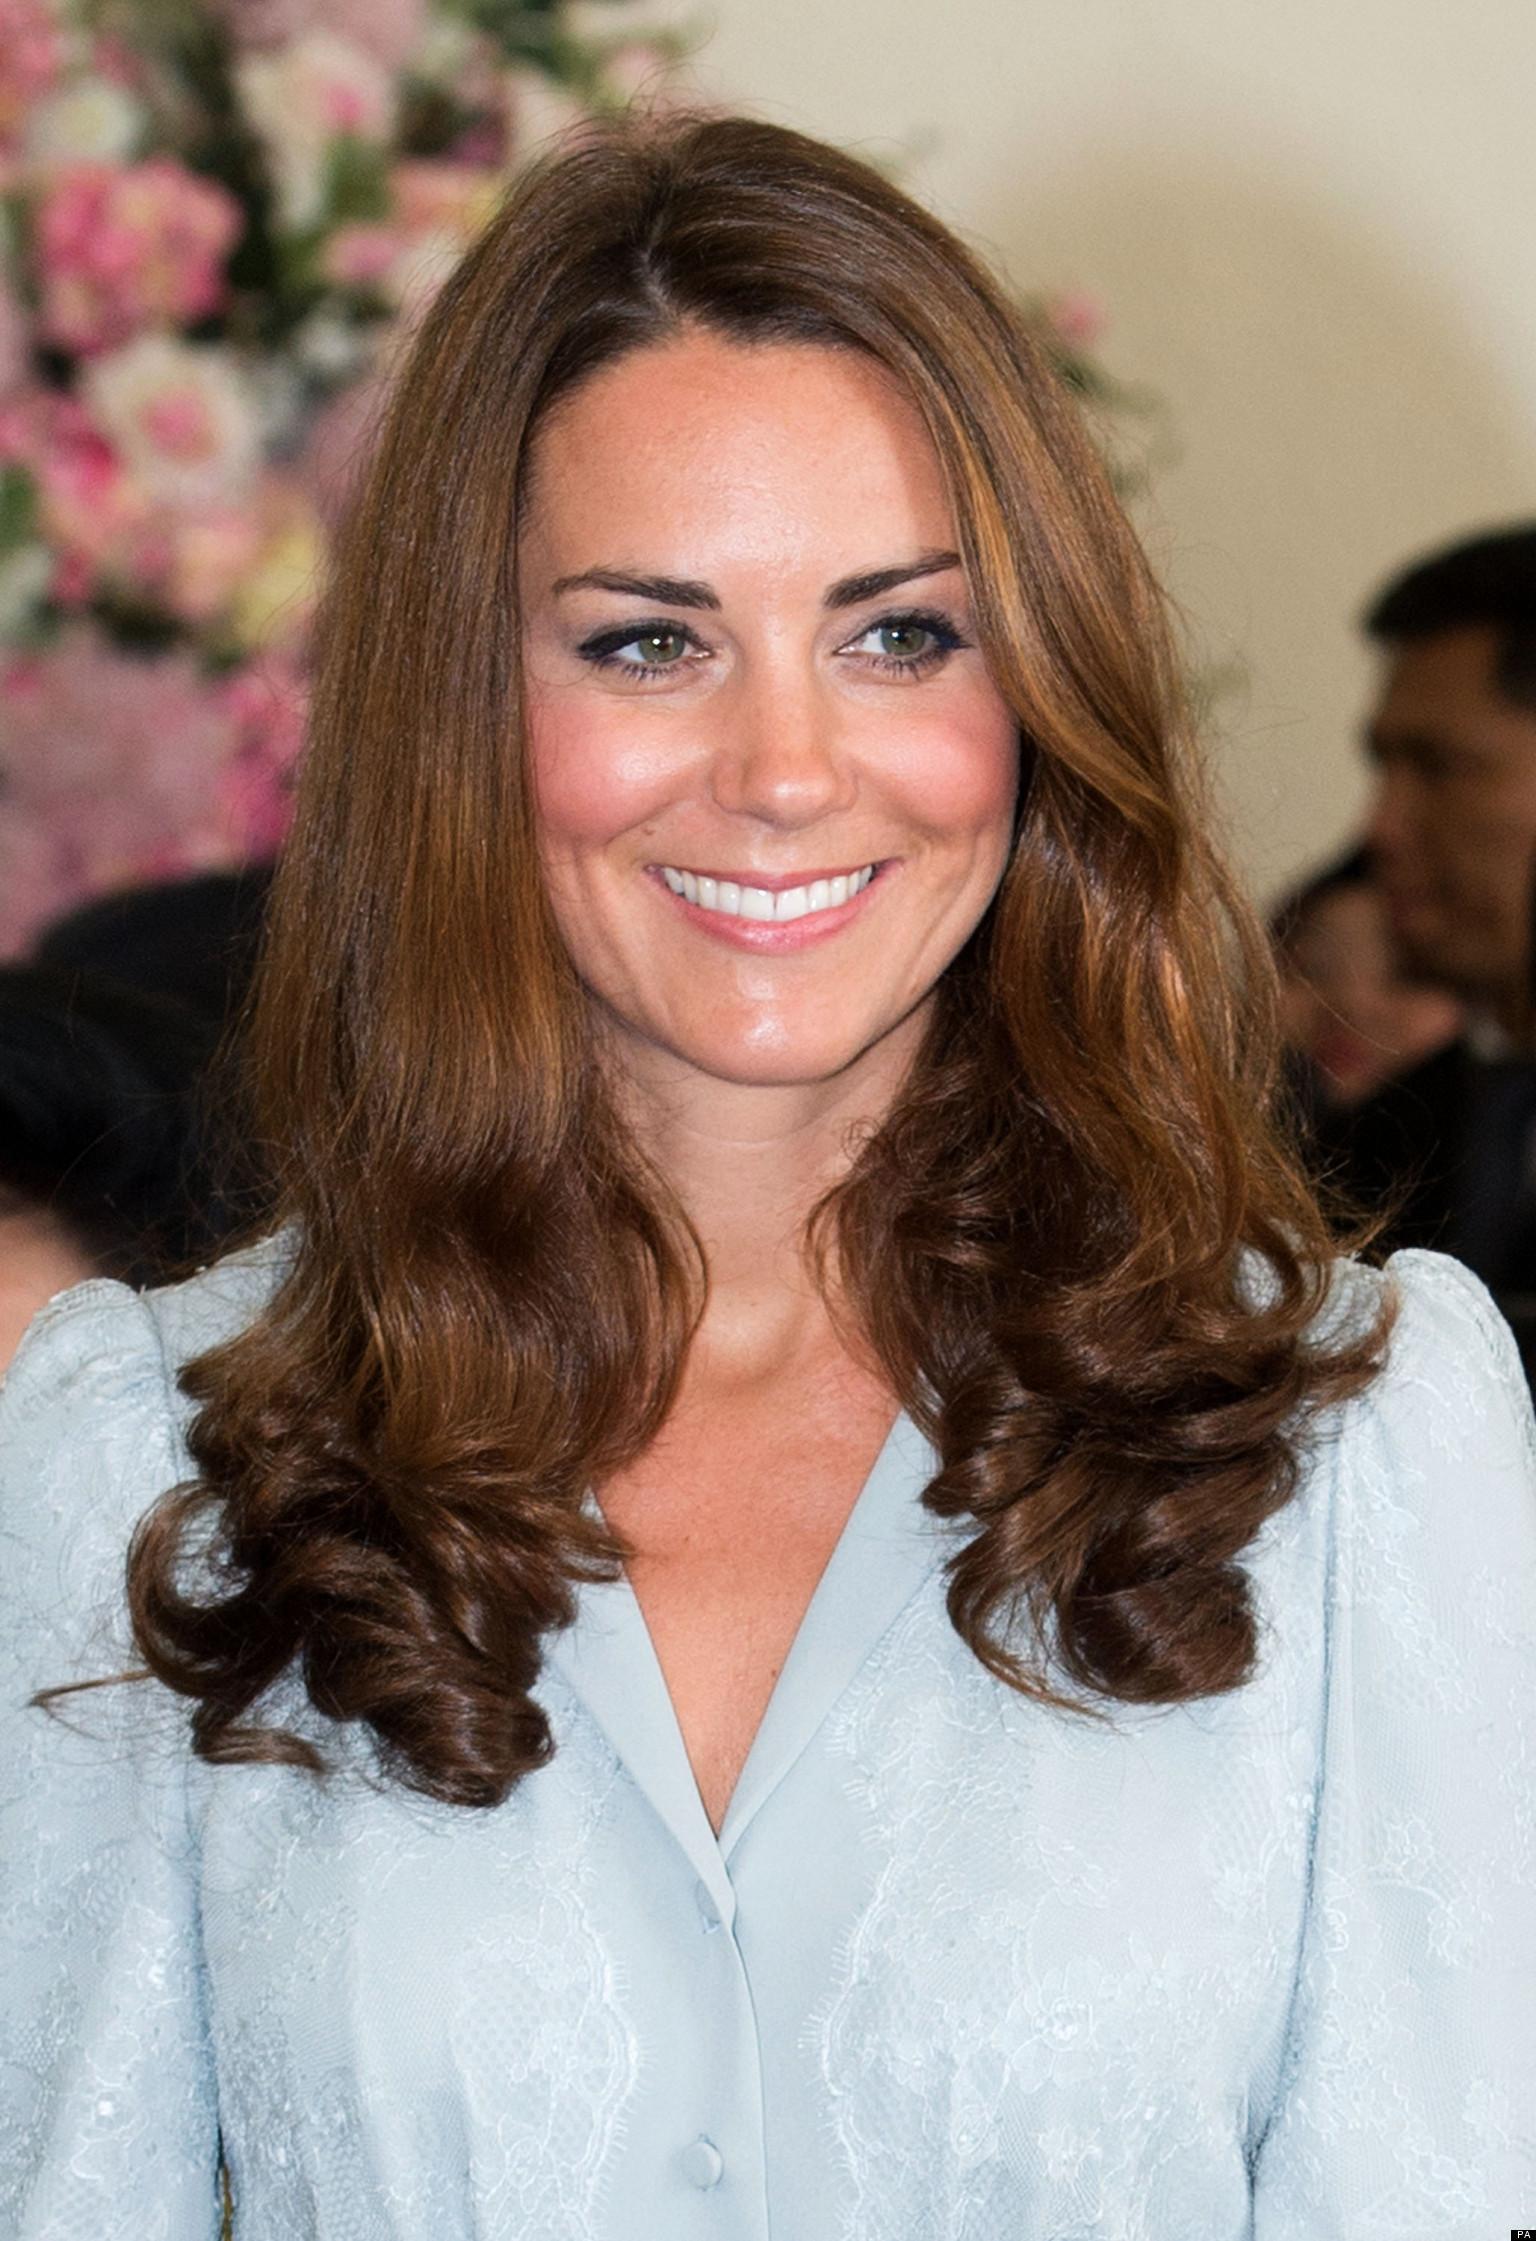 Кейт Миддлтон тратит на волосы почти 200 тысяч в год